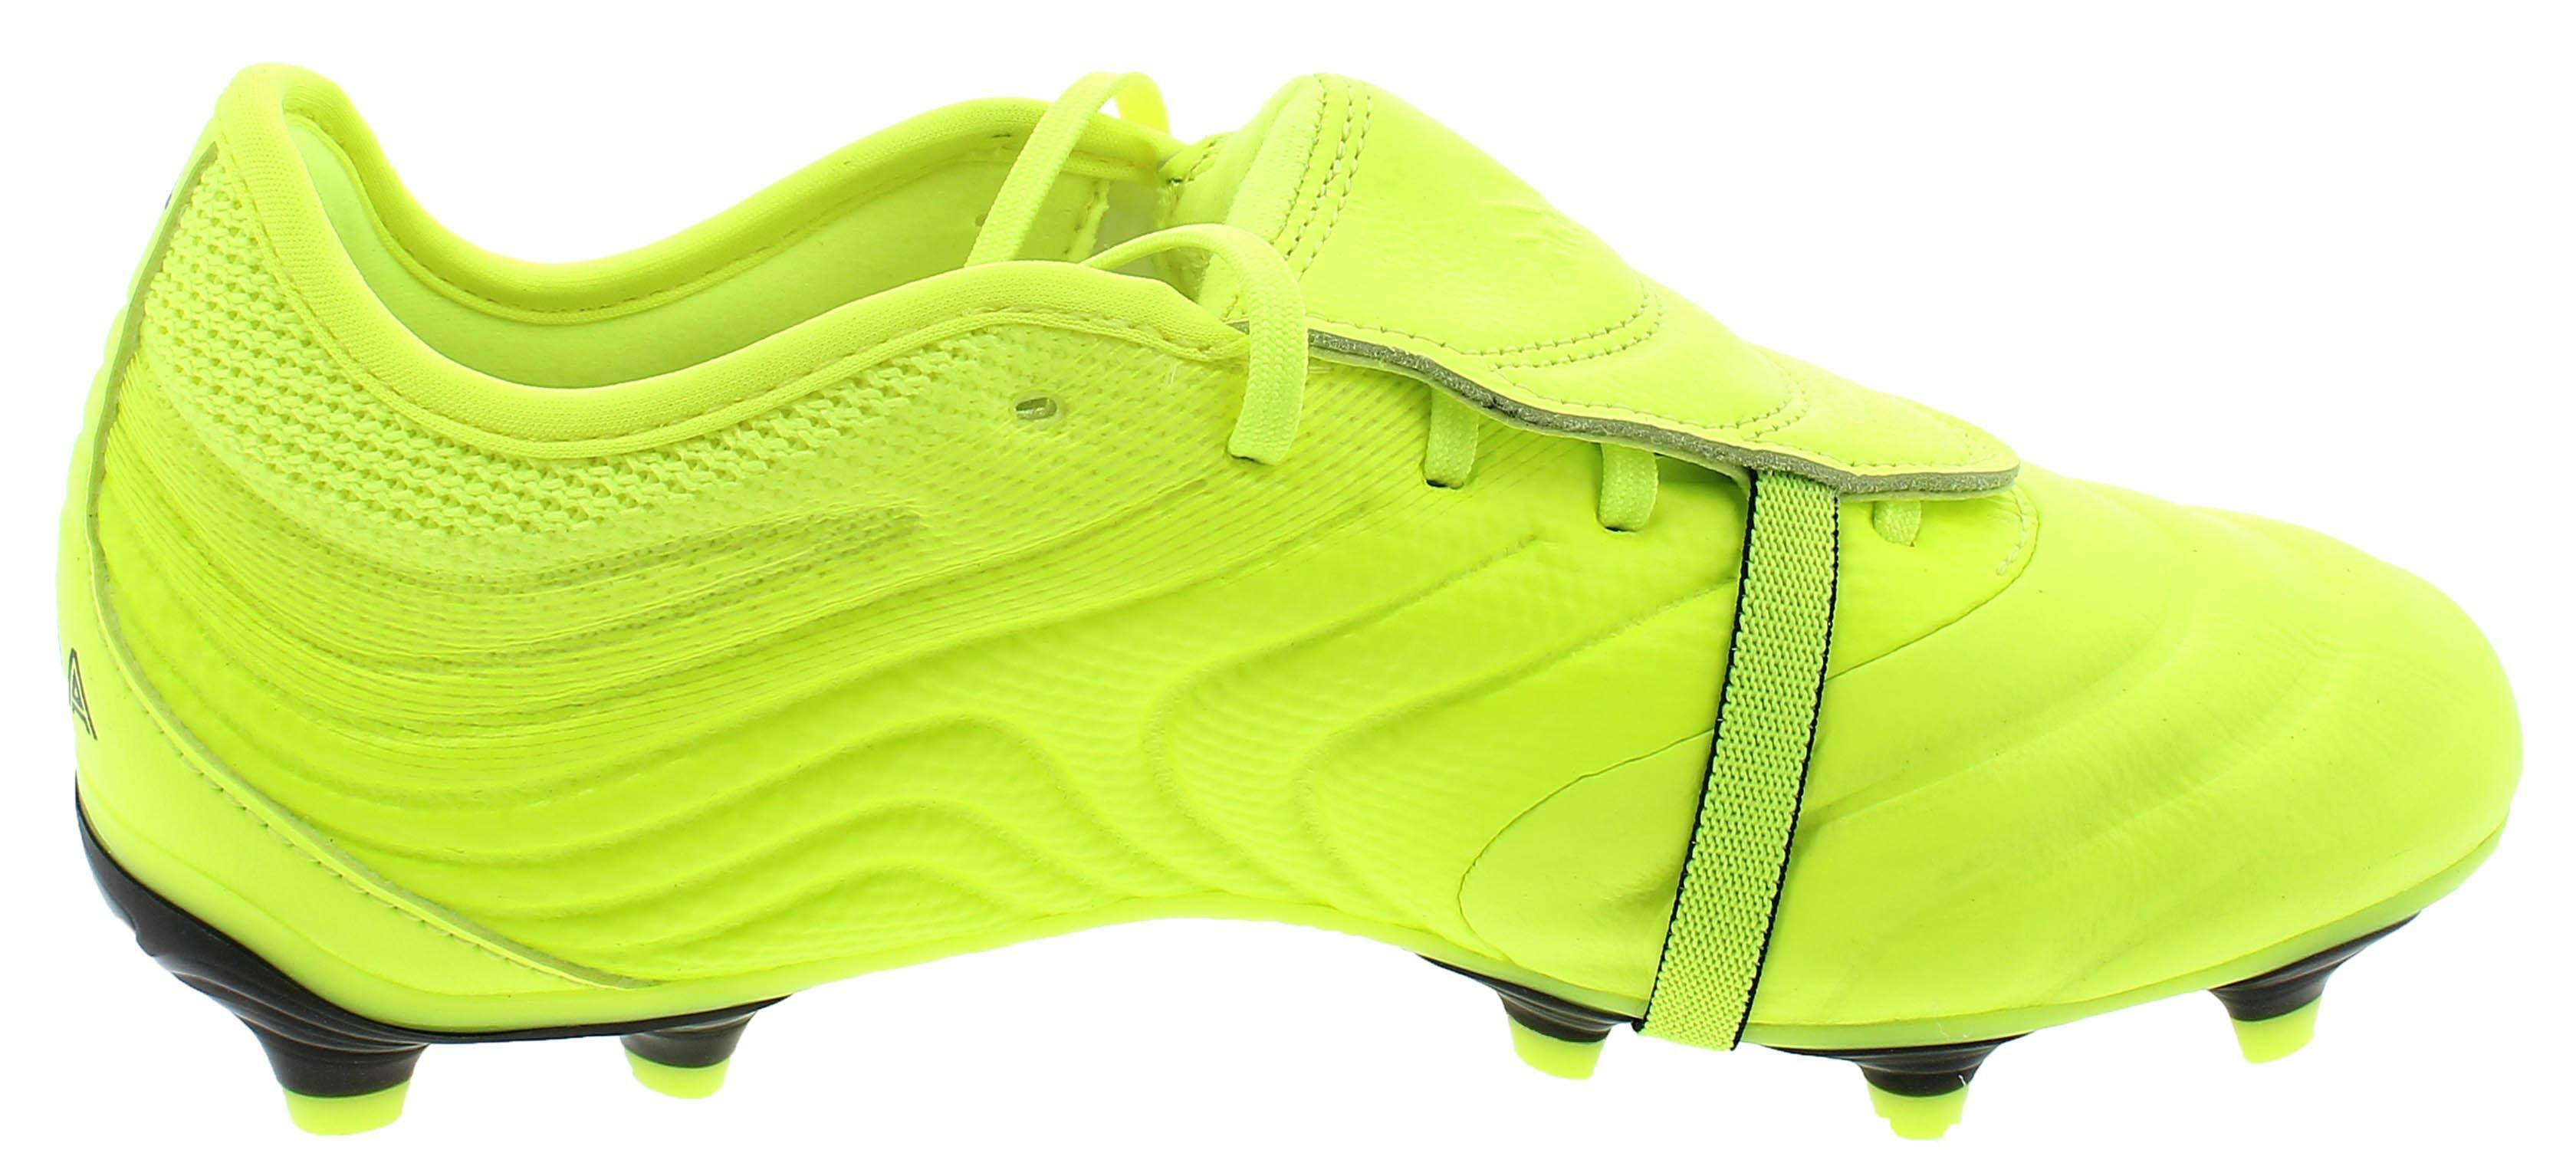 adidas copa gloro 19.2 fg scarpini calcio uomo gialli f35491